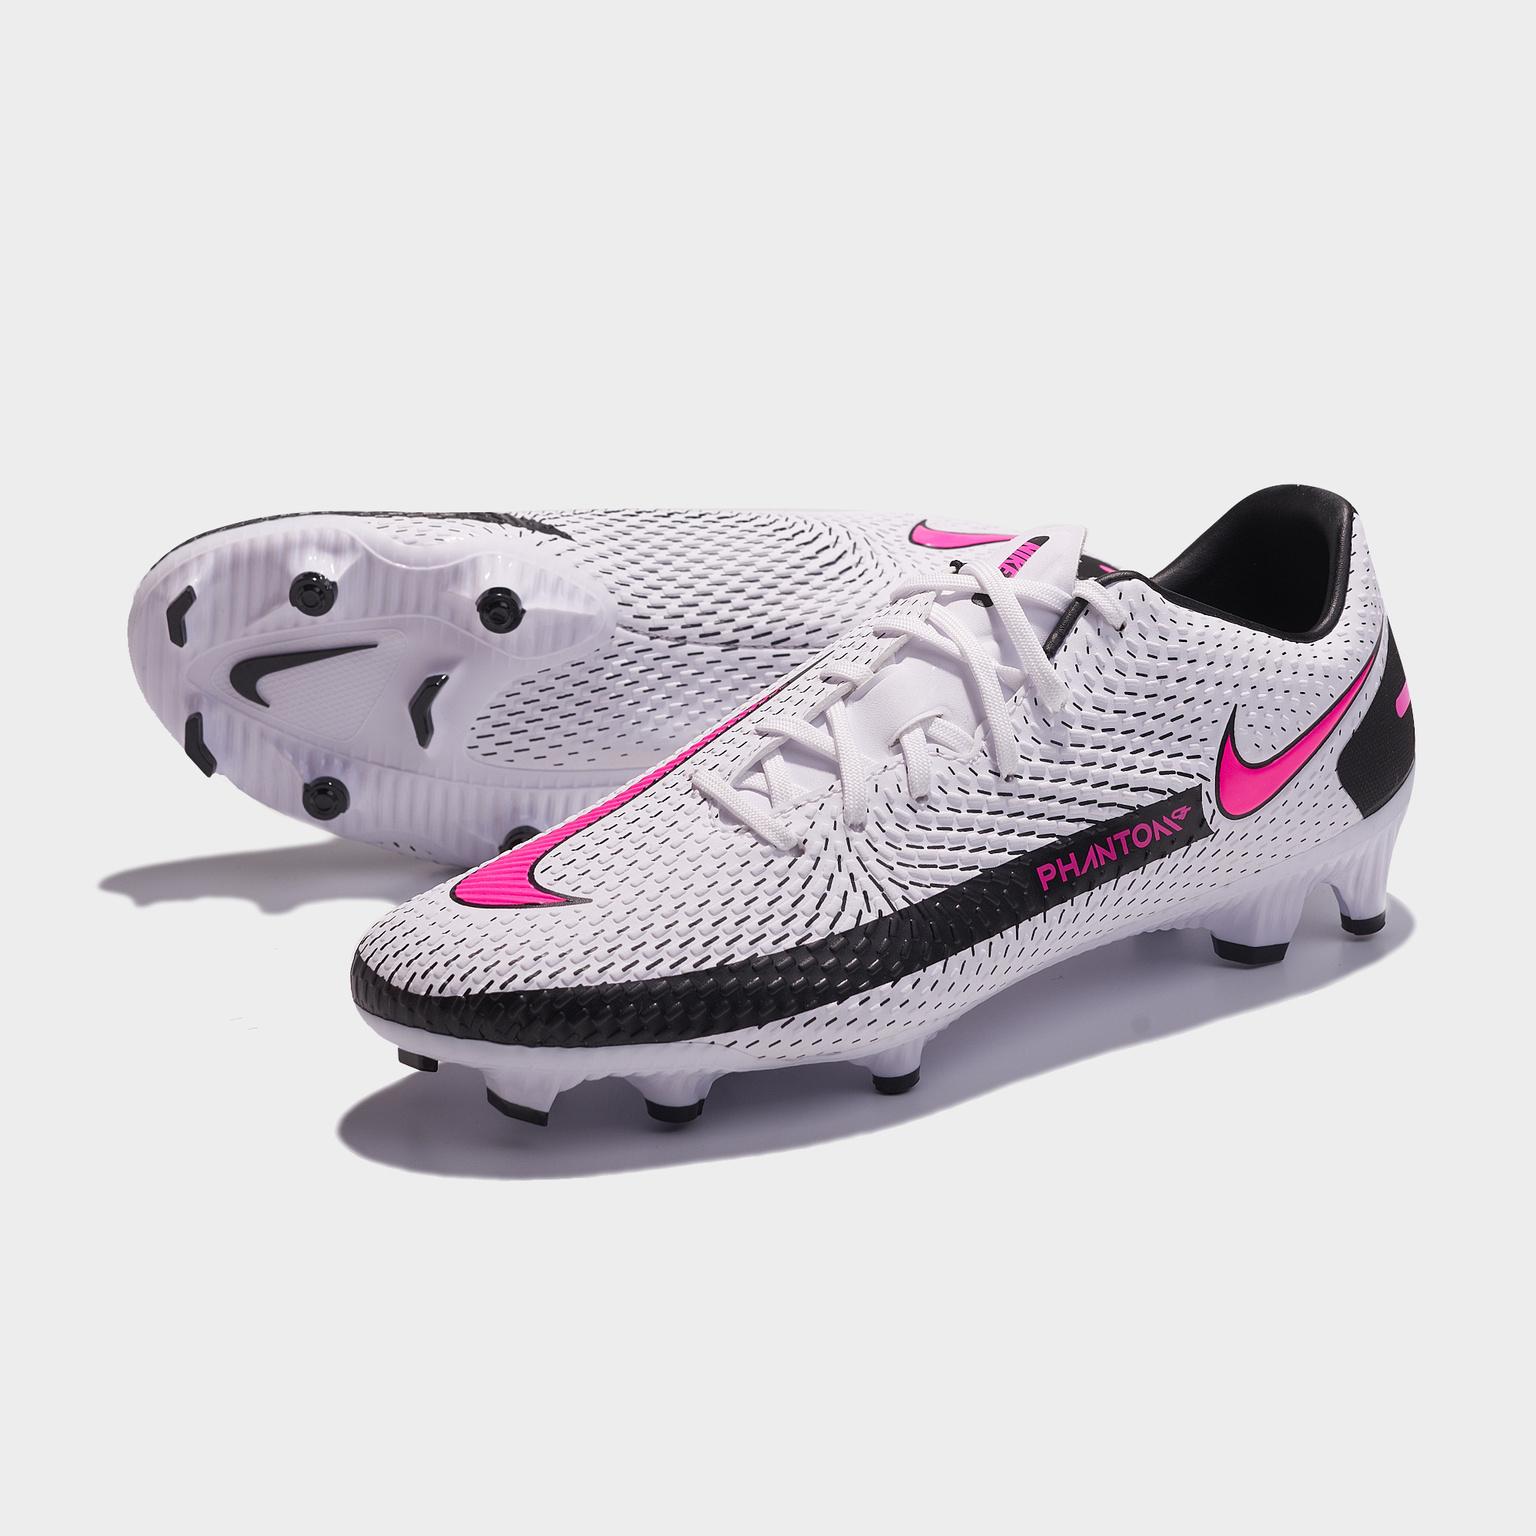 Бутсы Nike Phantom GT Academy FG/MG CK8460-160 бутсы nike phantom venom academy fg ao0566 810